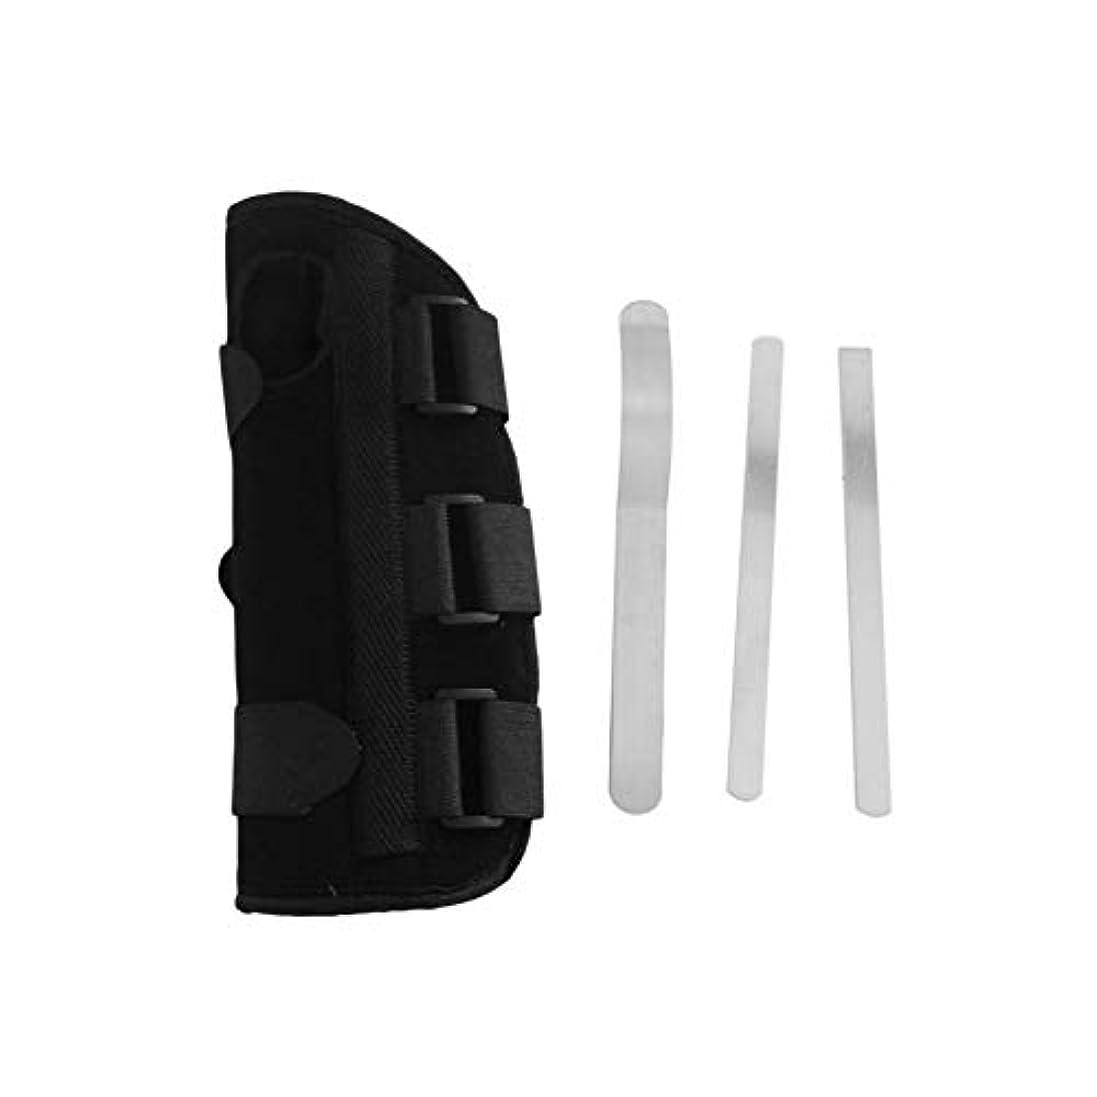 ラメバン独立して手首副木ブレース保護サポートストラップカルペルトンネルCTS RSI痛み軽減取り外し可能な副木快適な軽量ストラップ - ブラックS